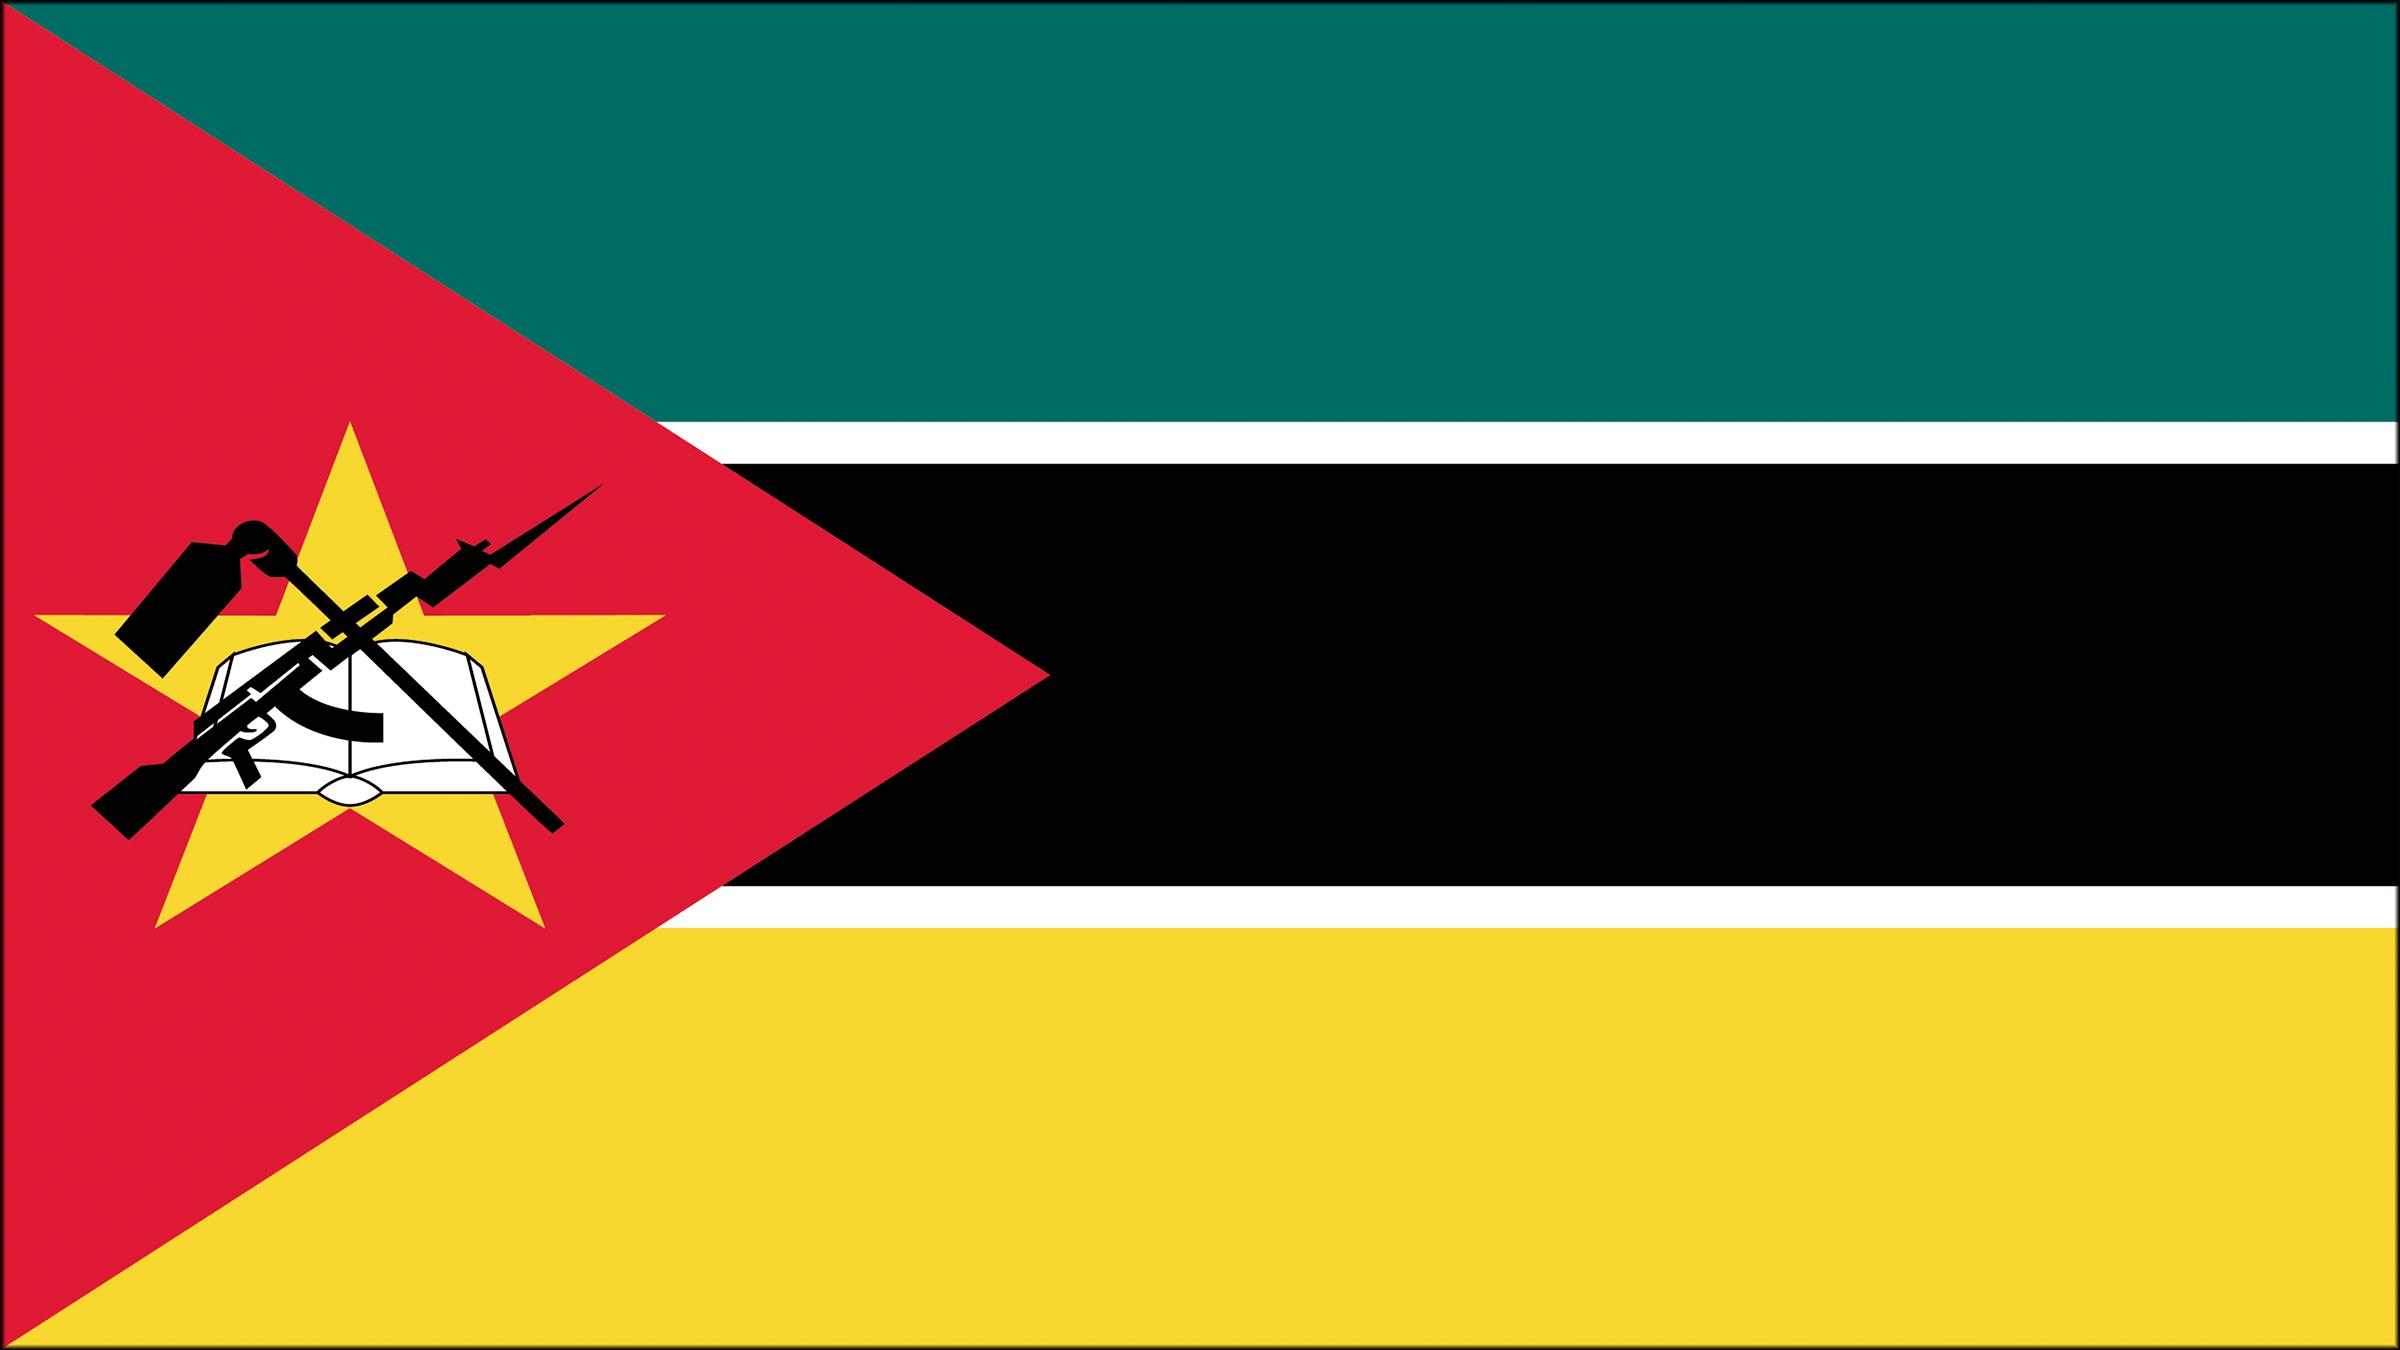 Bandera De Mozambique Banderas Escudo De Armas Y Escudo